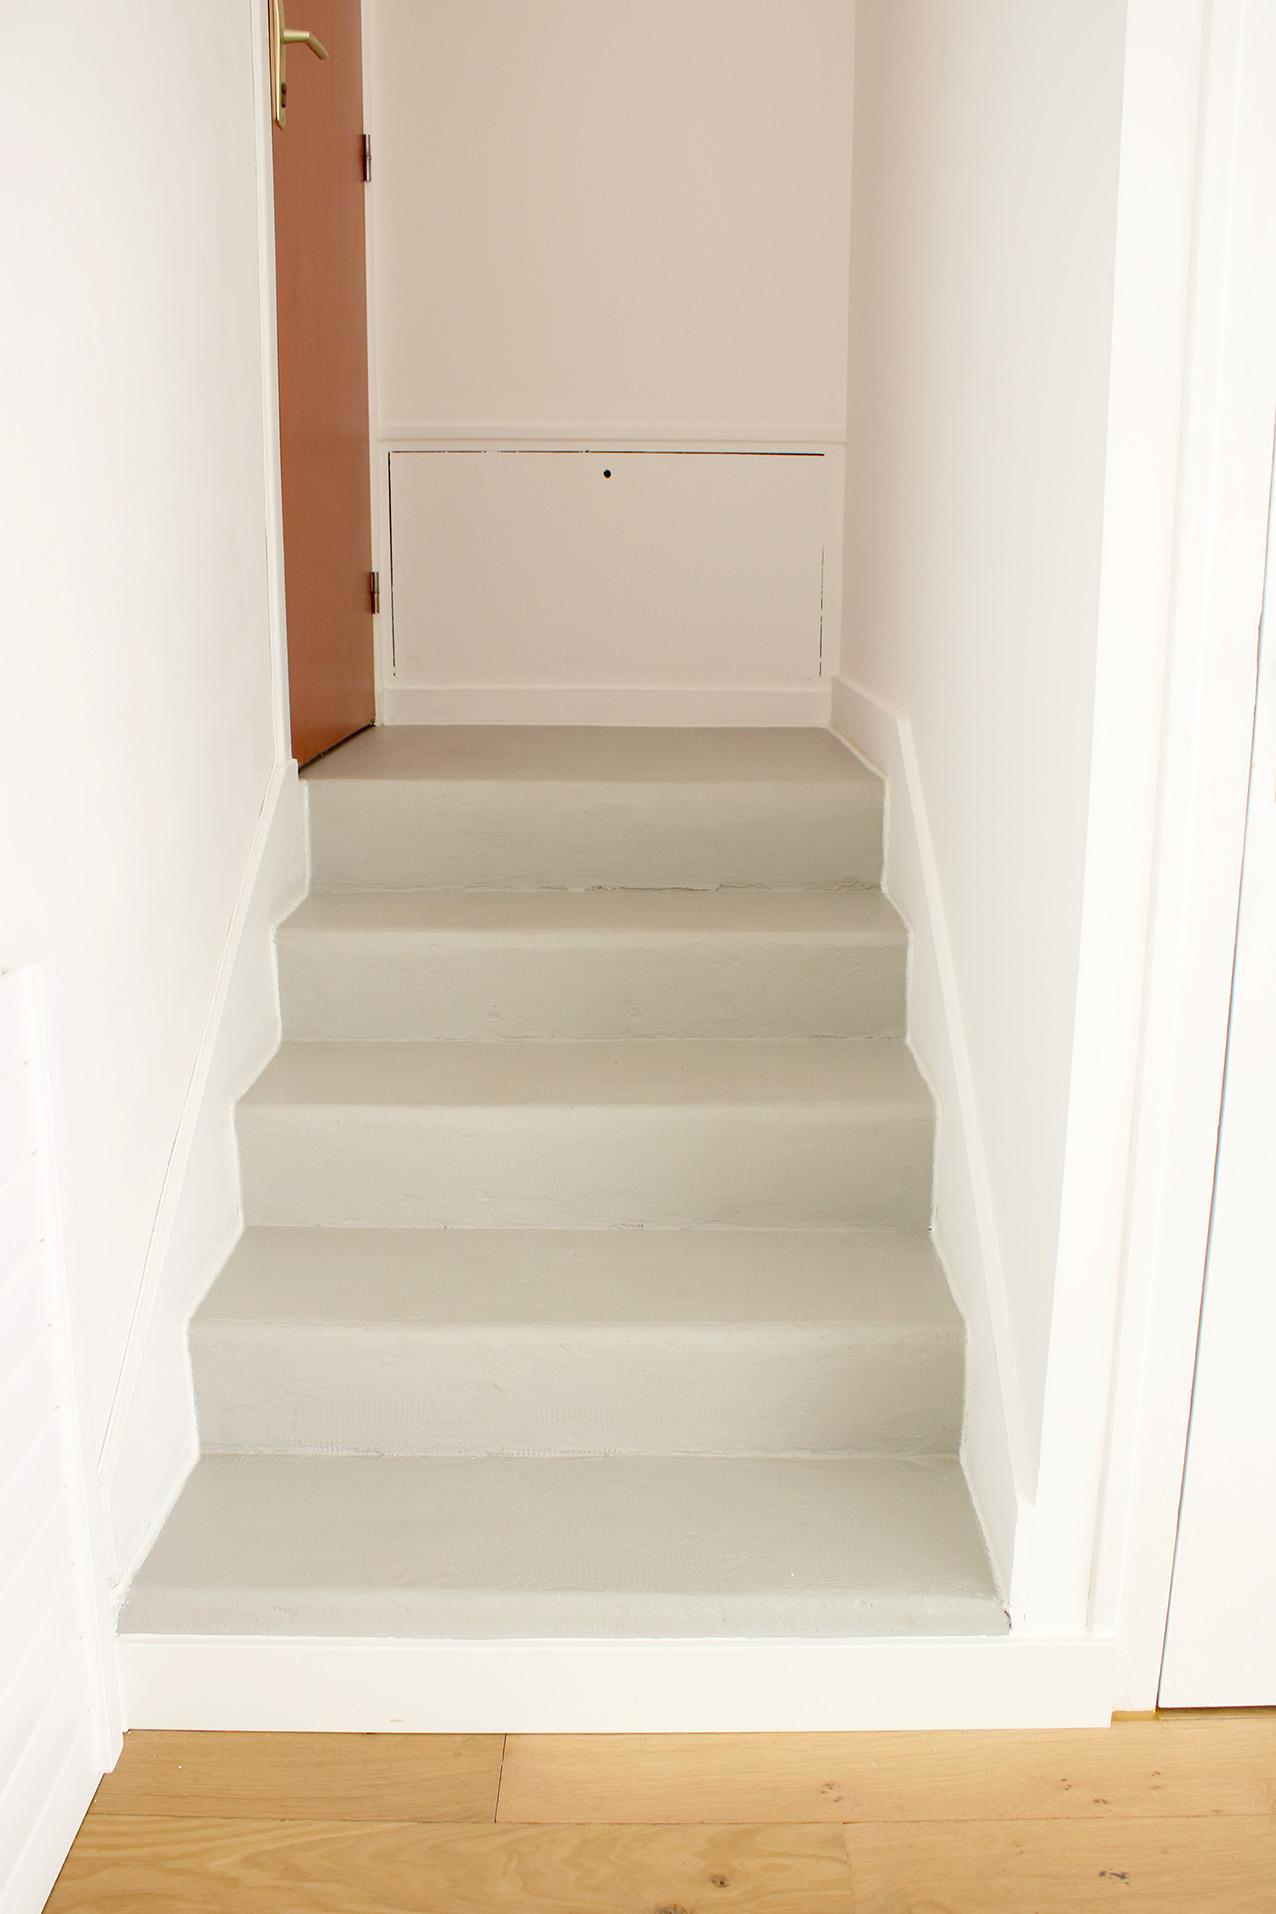 100 Fantastique Suggestions Peindre Un Escalier En Beton Deja Peint